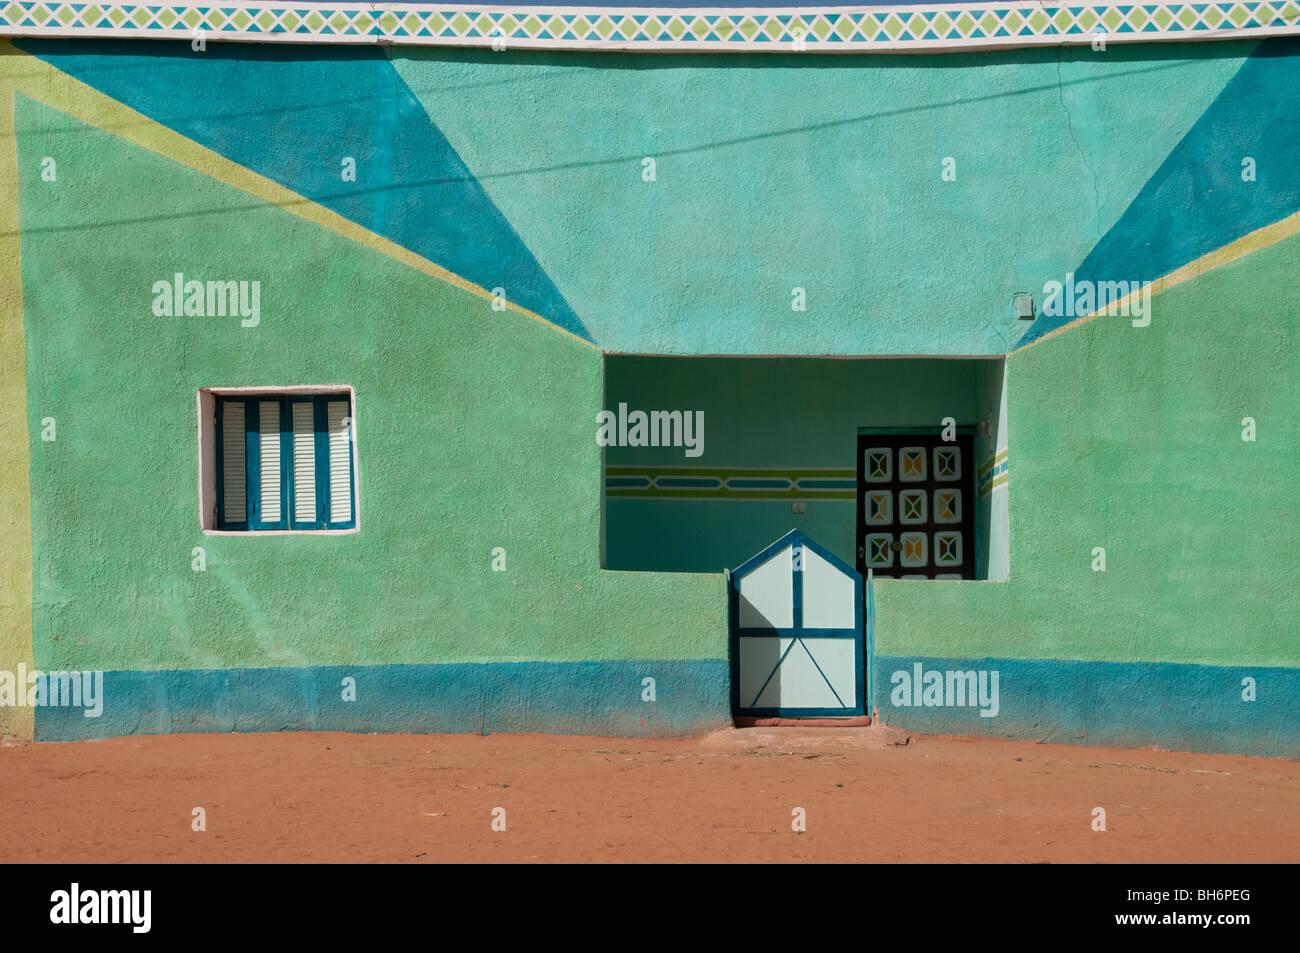 Une maison colorée dans le désert village de Balat dans l'Égypte a Dakhla Oasis. Photo Stock